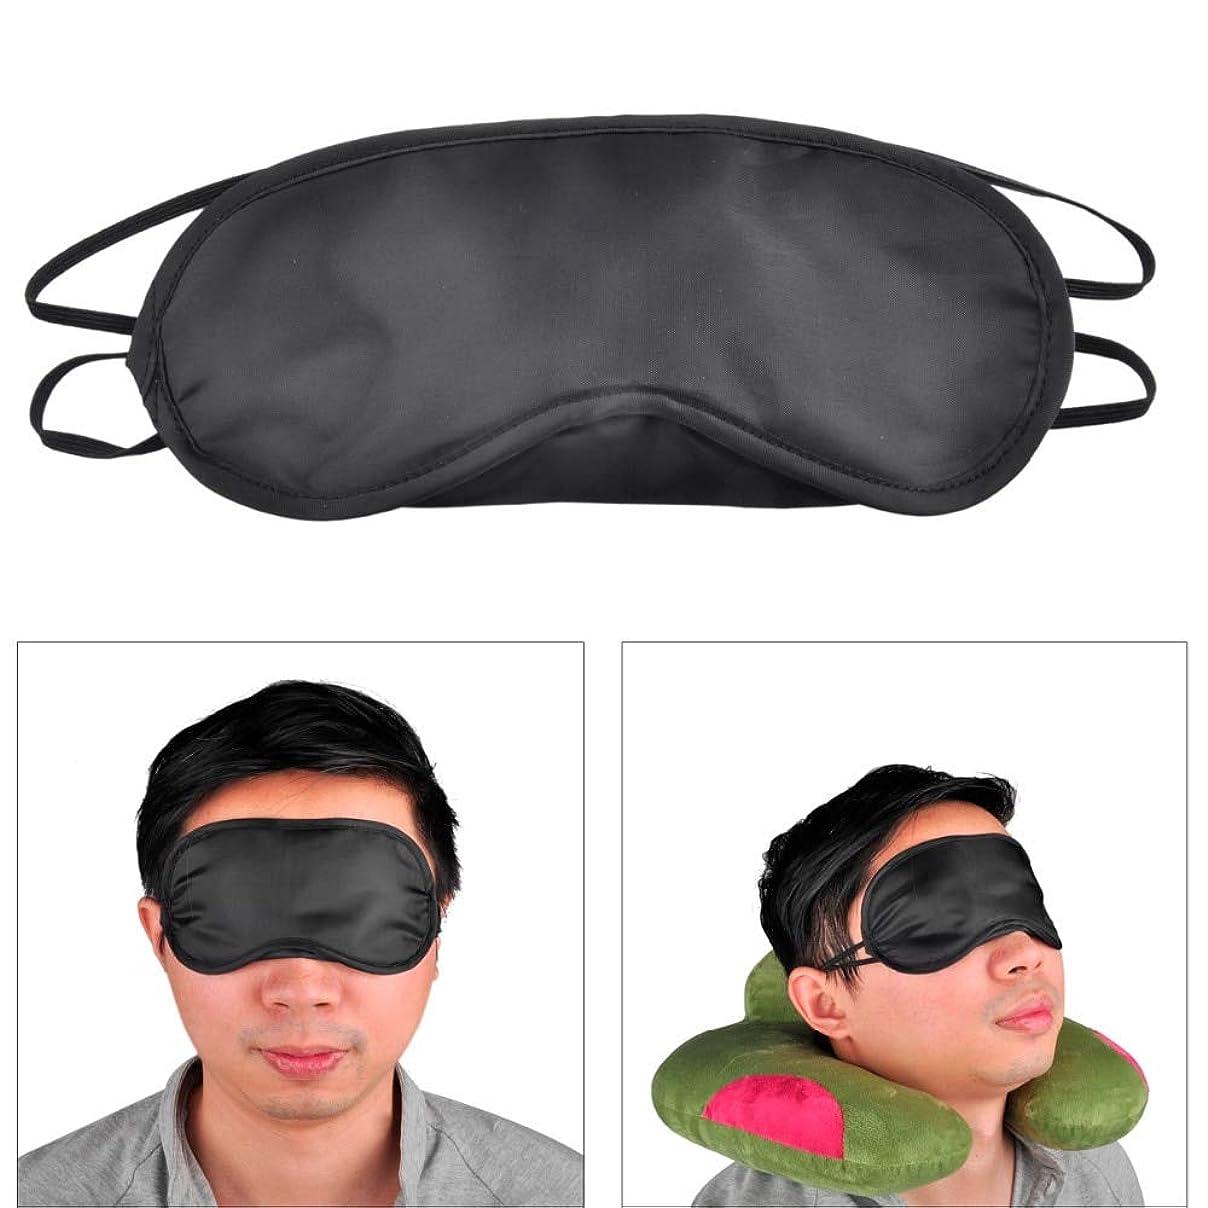 背骨中止します接続NOTE 100ピース/パックギフト旅行睡眠アイマスクブラックシェード目隠しアイパッチナイト経済送料無料